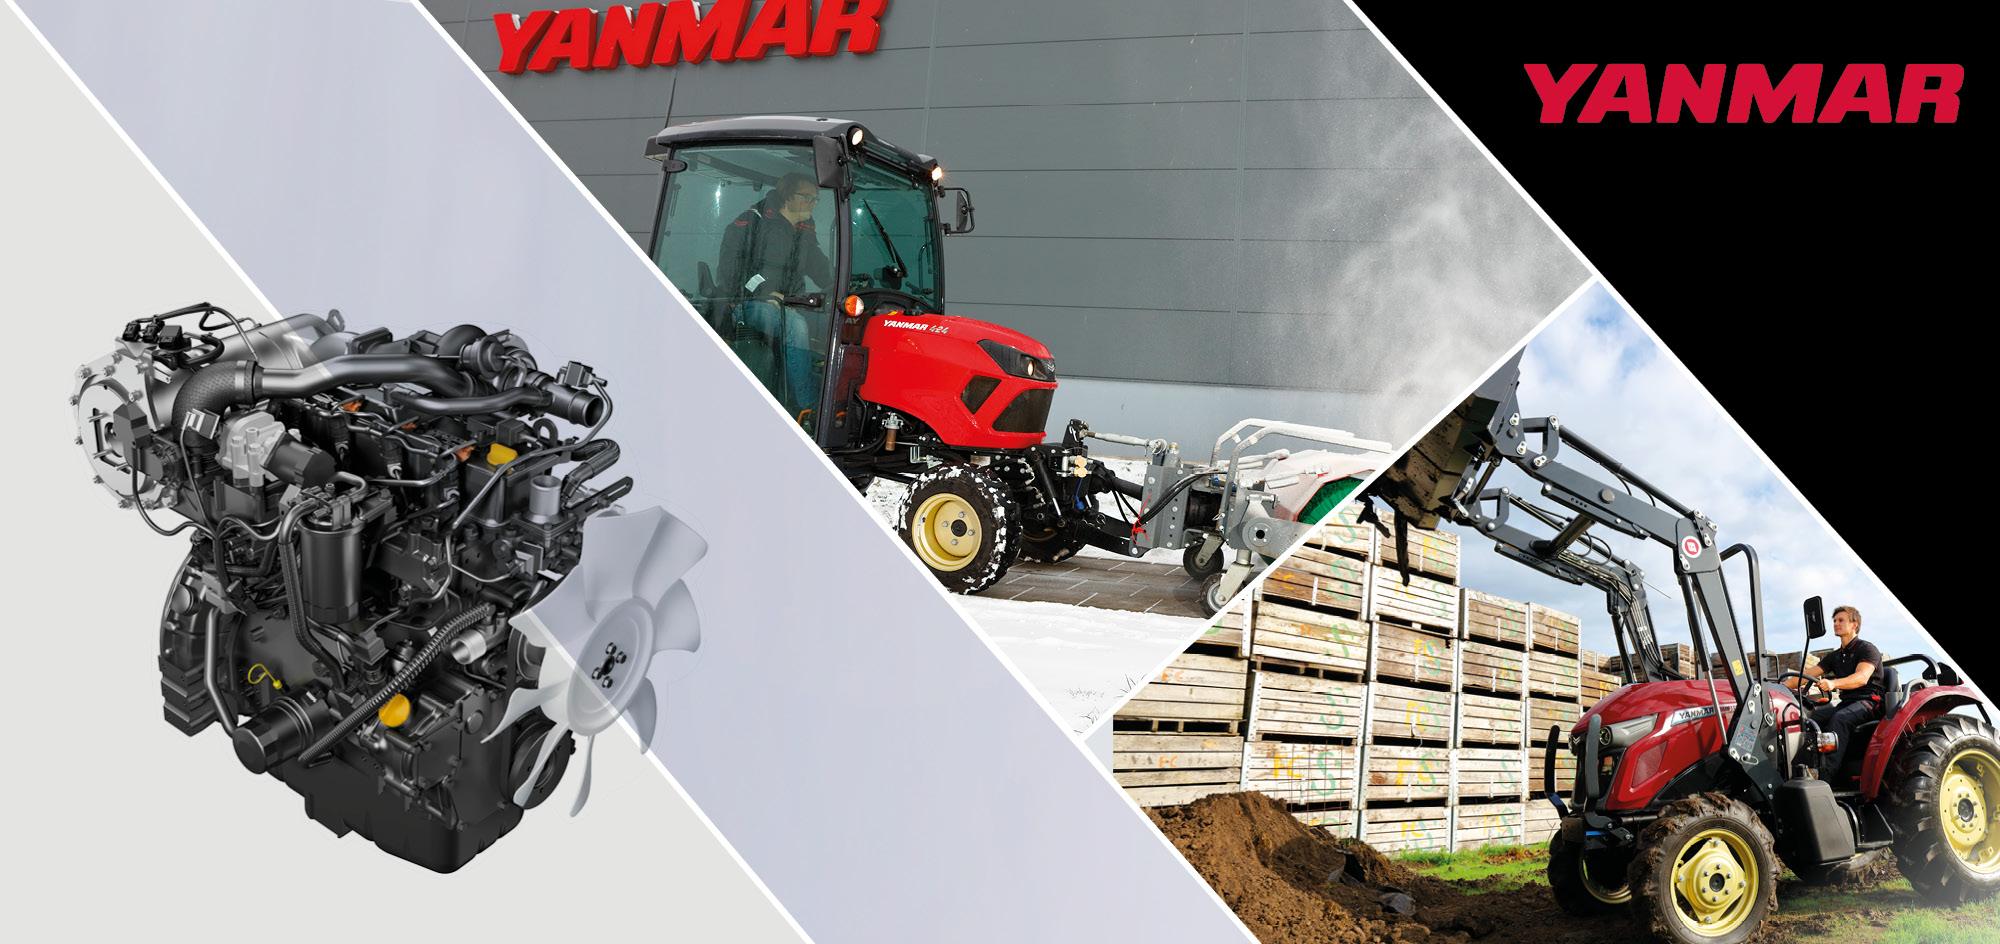 Yanmar Industrie Dieselmotoren Website Header Template